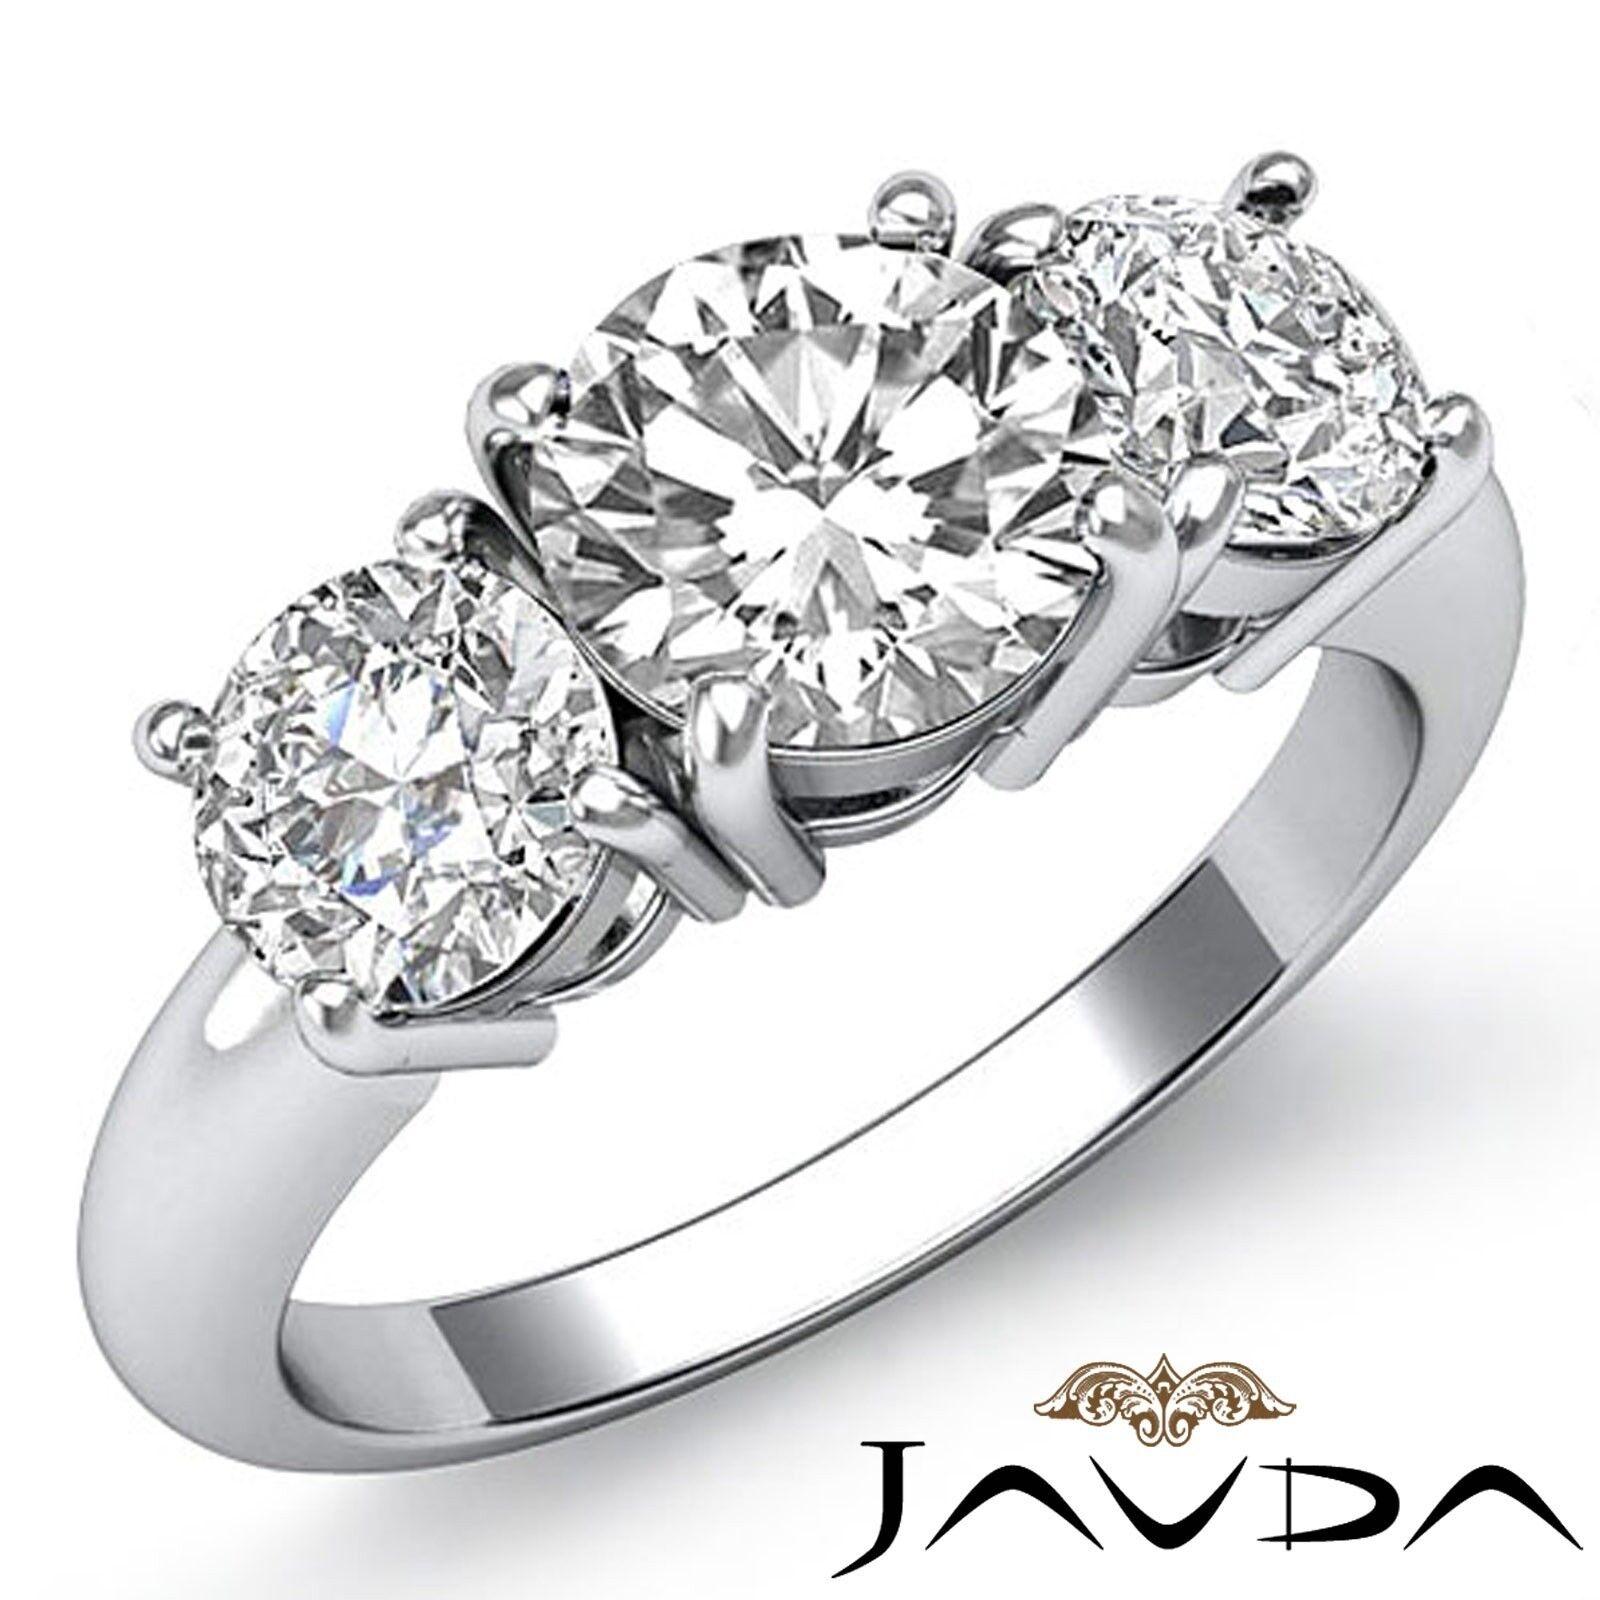 1.81ctw Basket Style 3 Stone Round Diamond Engagement Ring GIA E-VVS2 White Gold